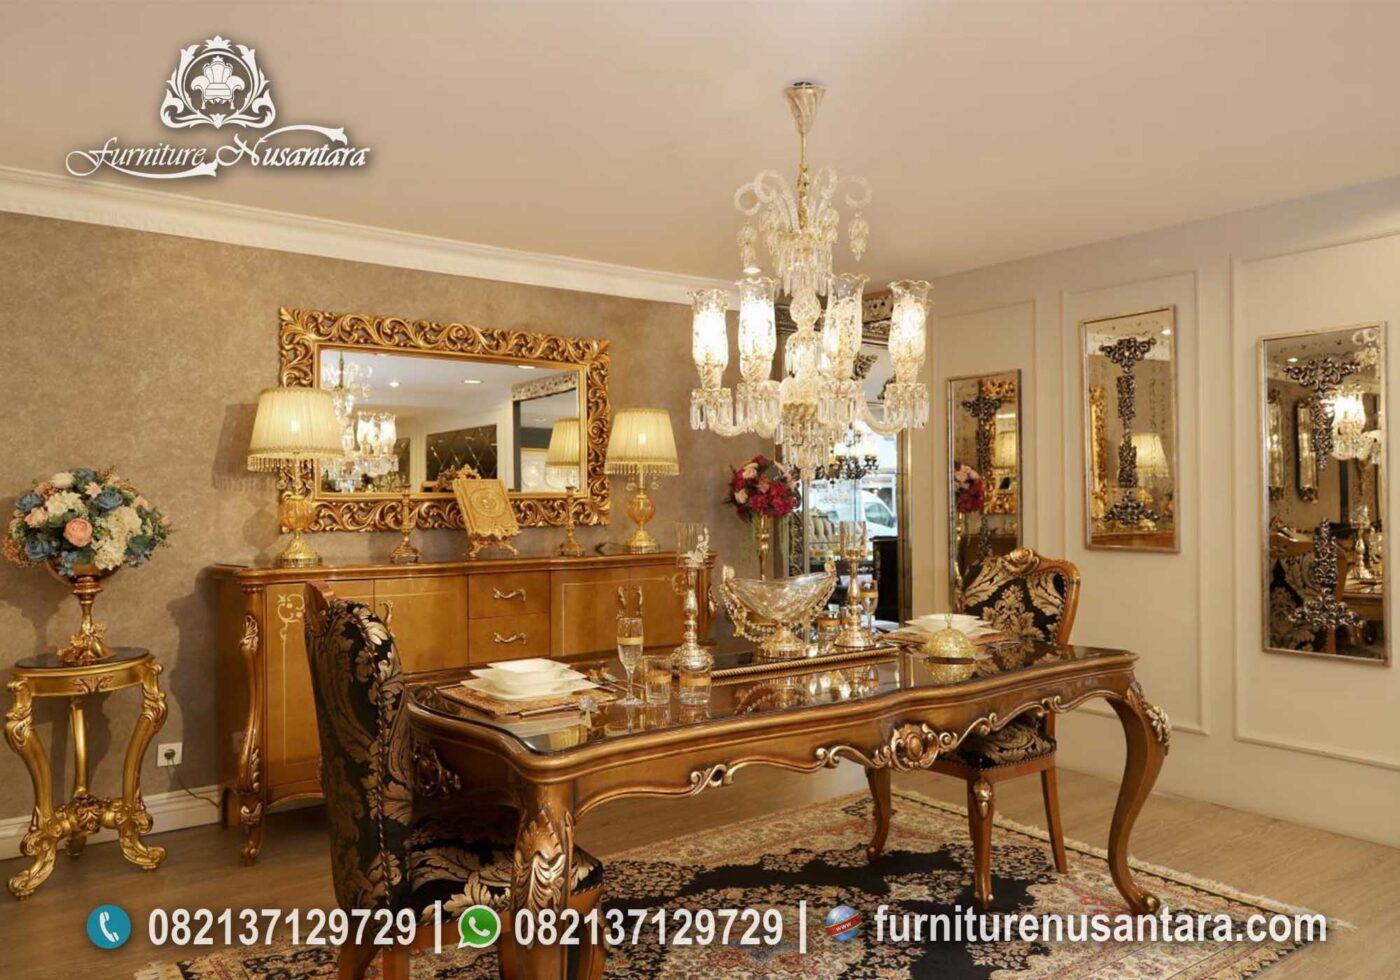 Harga Meja Makan Klasik Terbaru MM-03, Furniture Nusantara